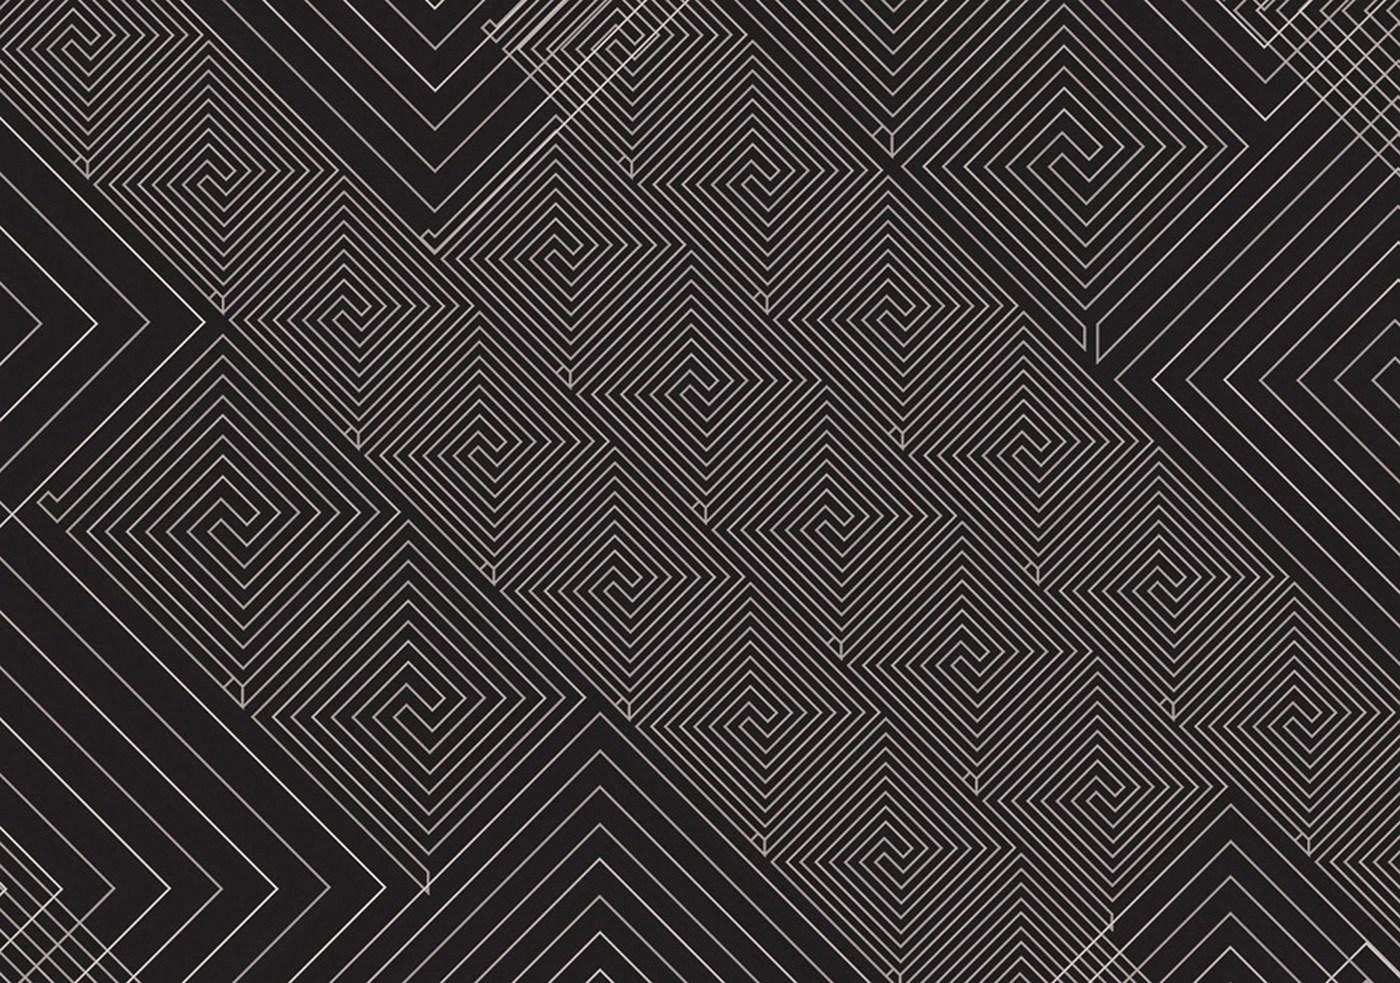 vlies fototapete 400 illustrationen tapete abstrakt ornamente muster schwarz wei schwarz wei - Tapete Schwarz Weis Muster